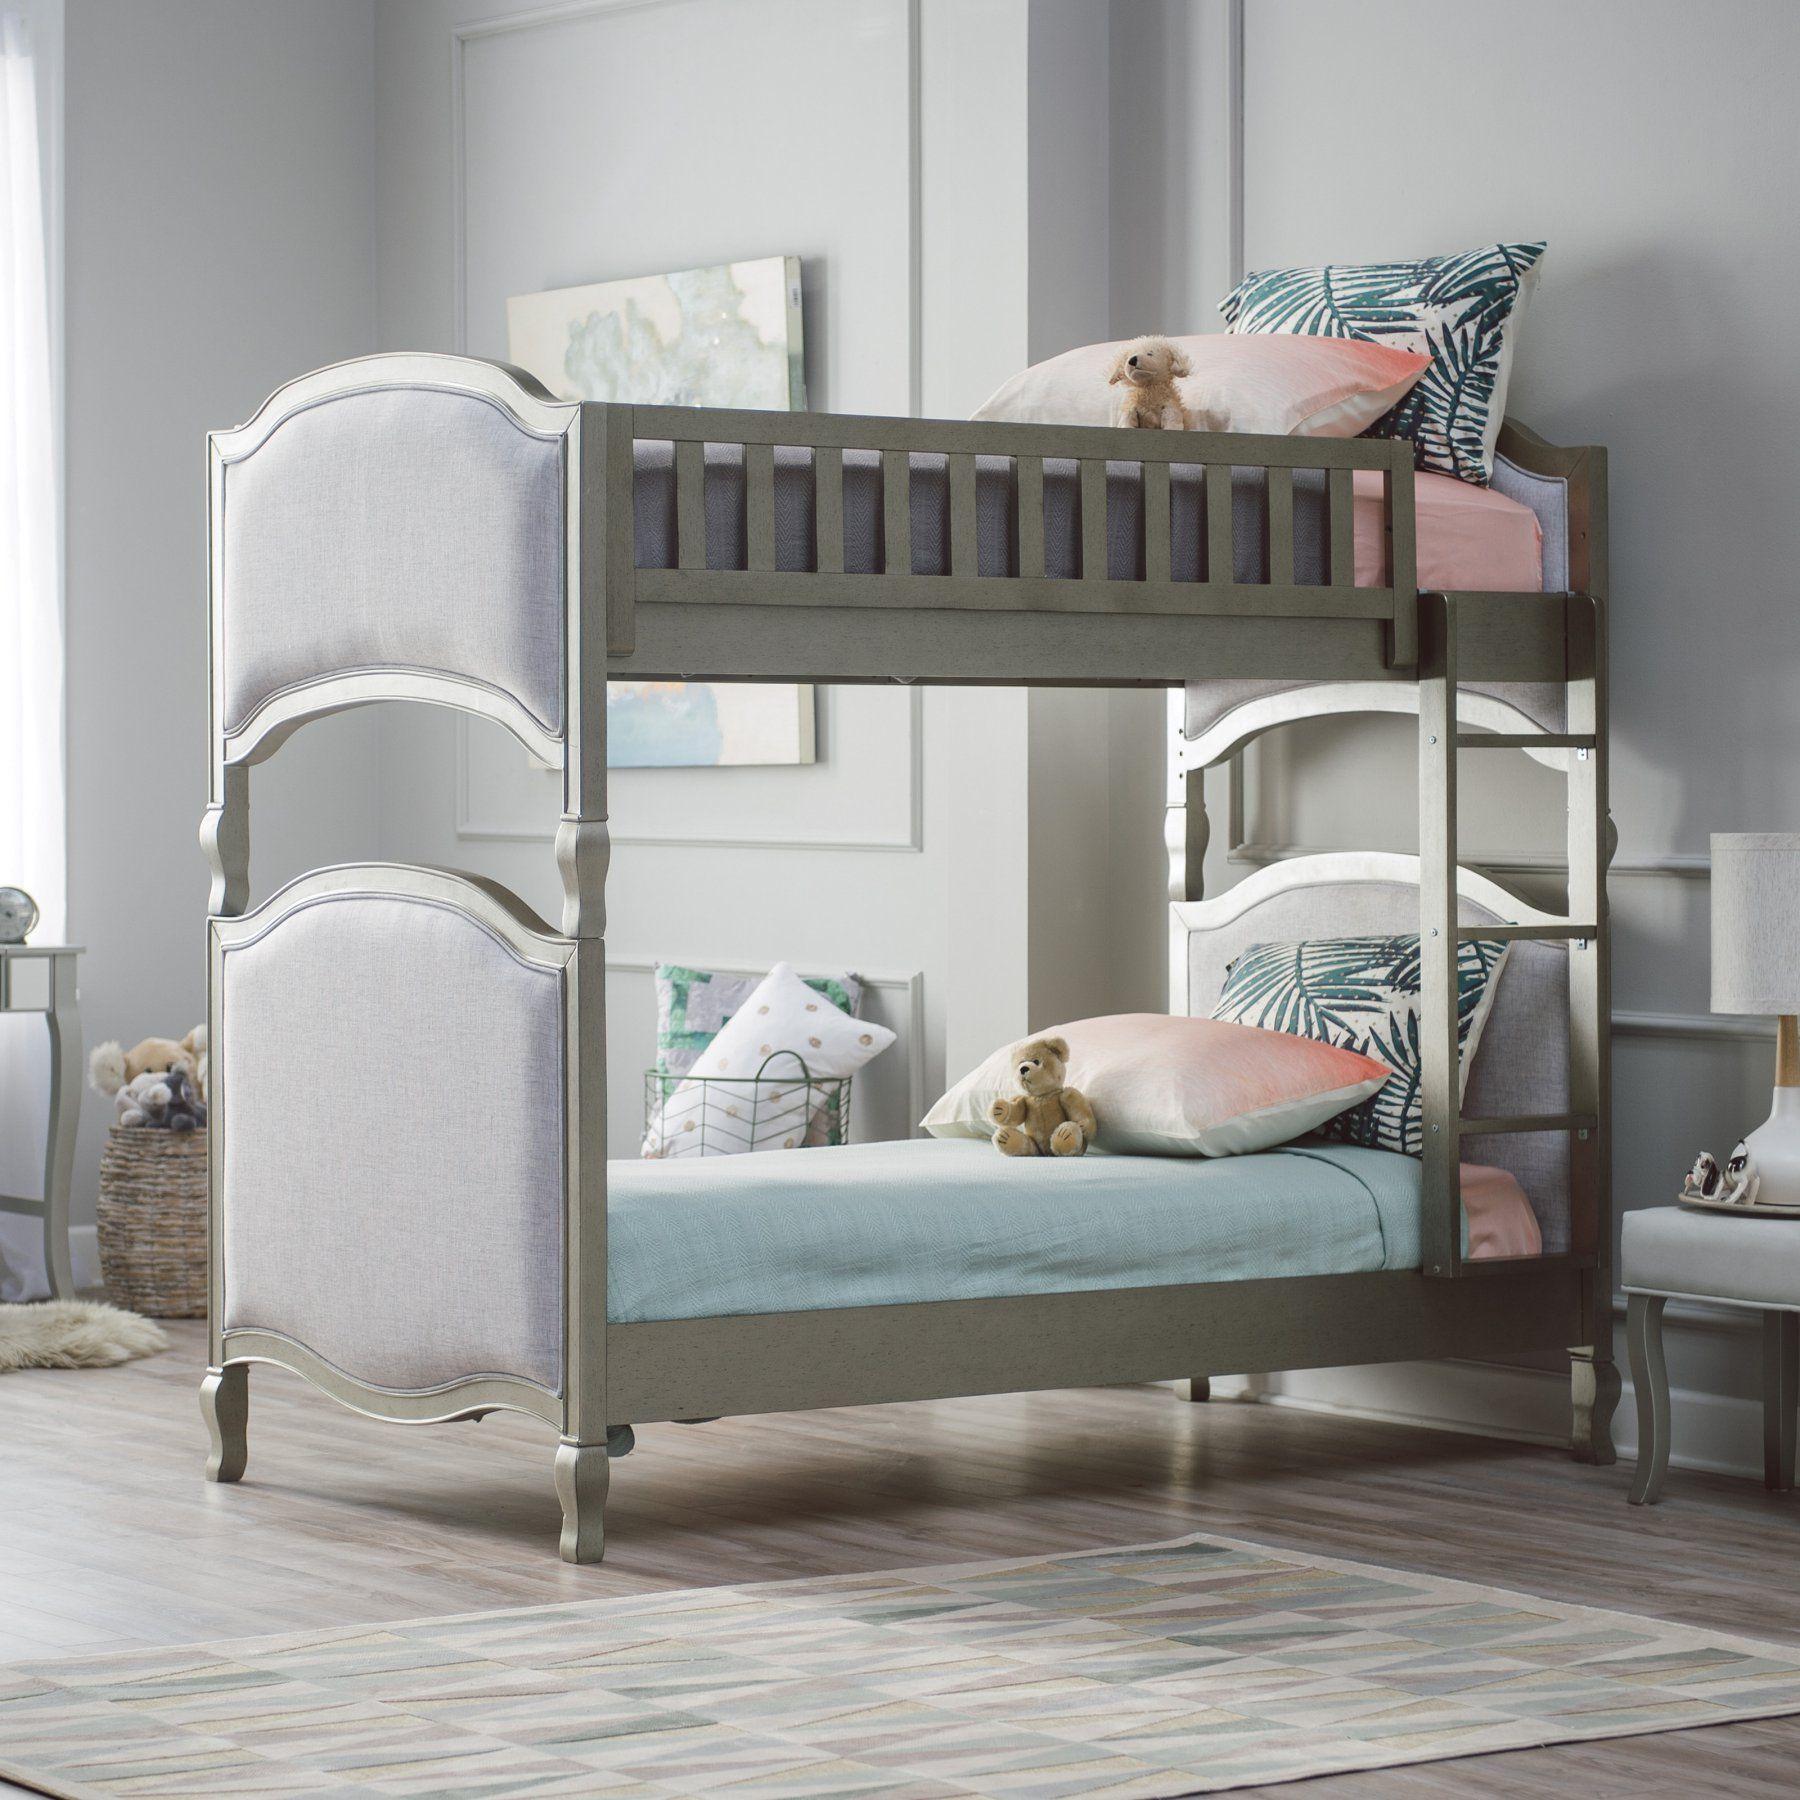 Ne Kids Kensington Victoria Twin Over Twin Bunk Bunk Beds Kids